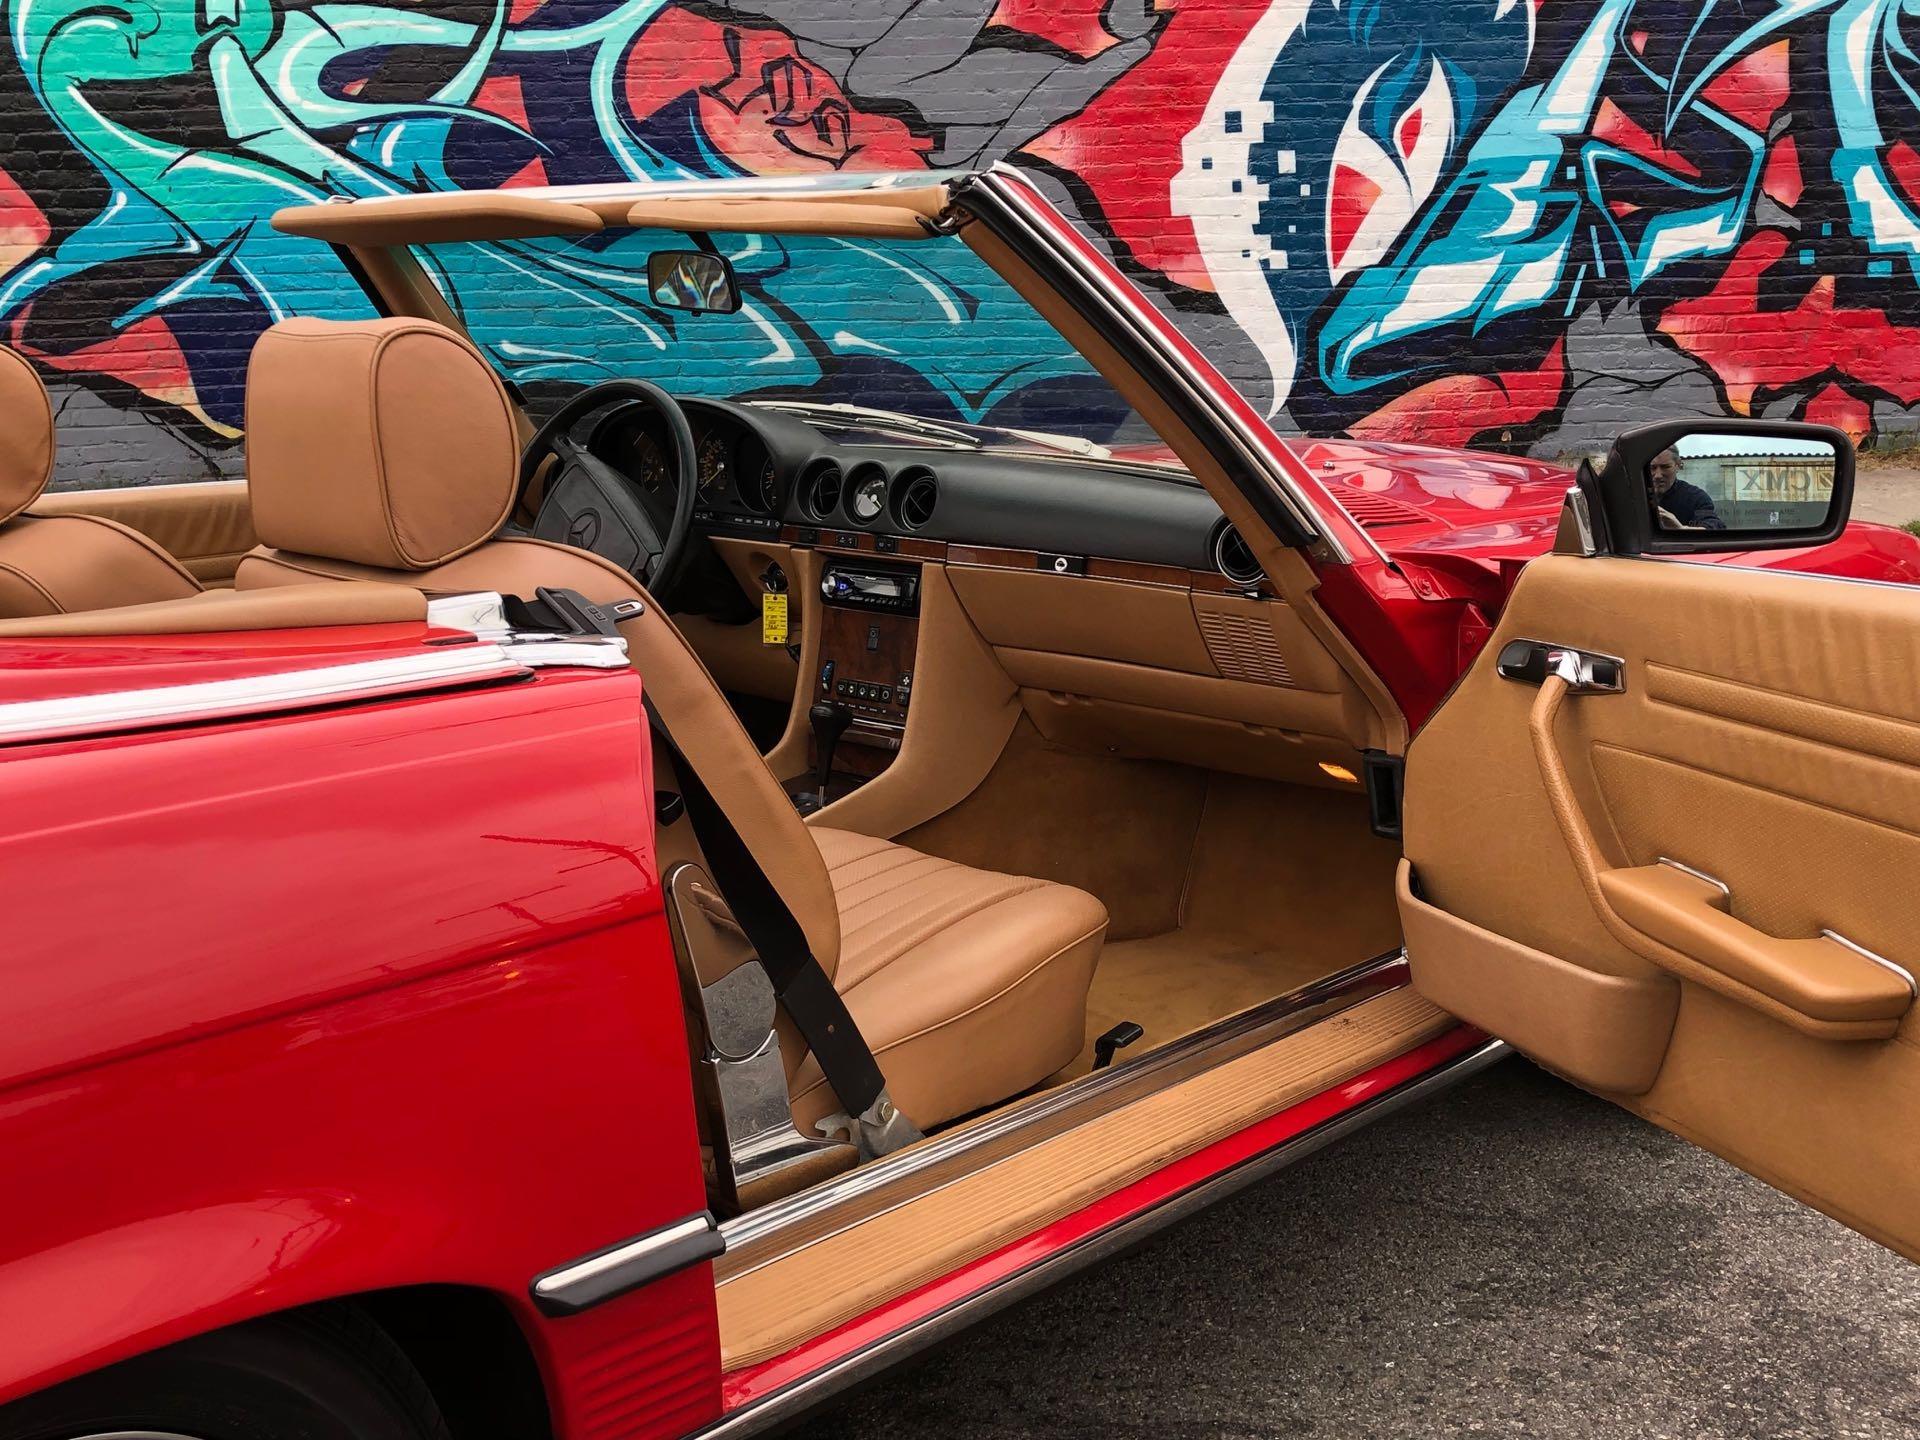 New 1986 Mercedes Benz 560 Class 560 SL 2dr Convertible